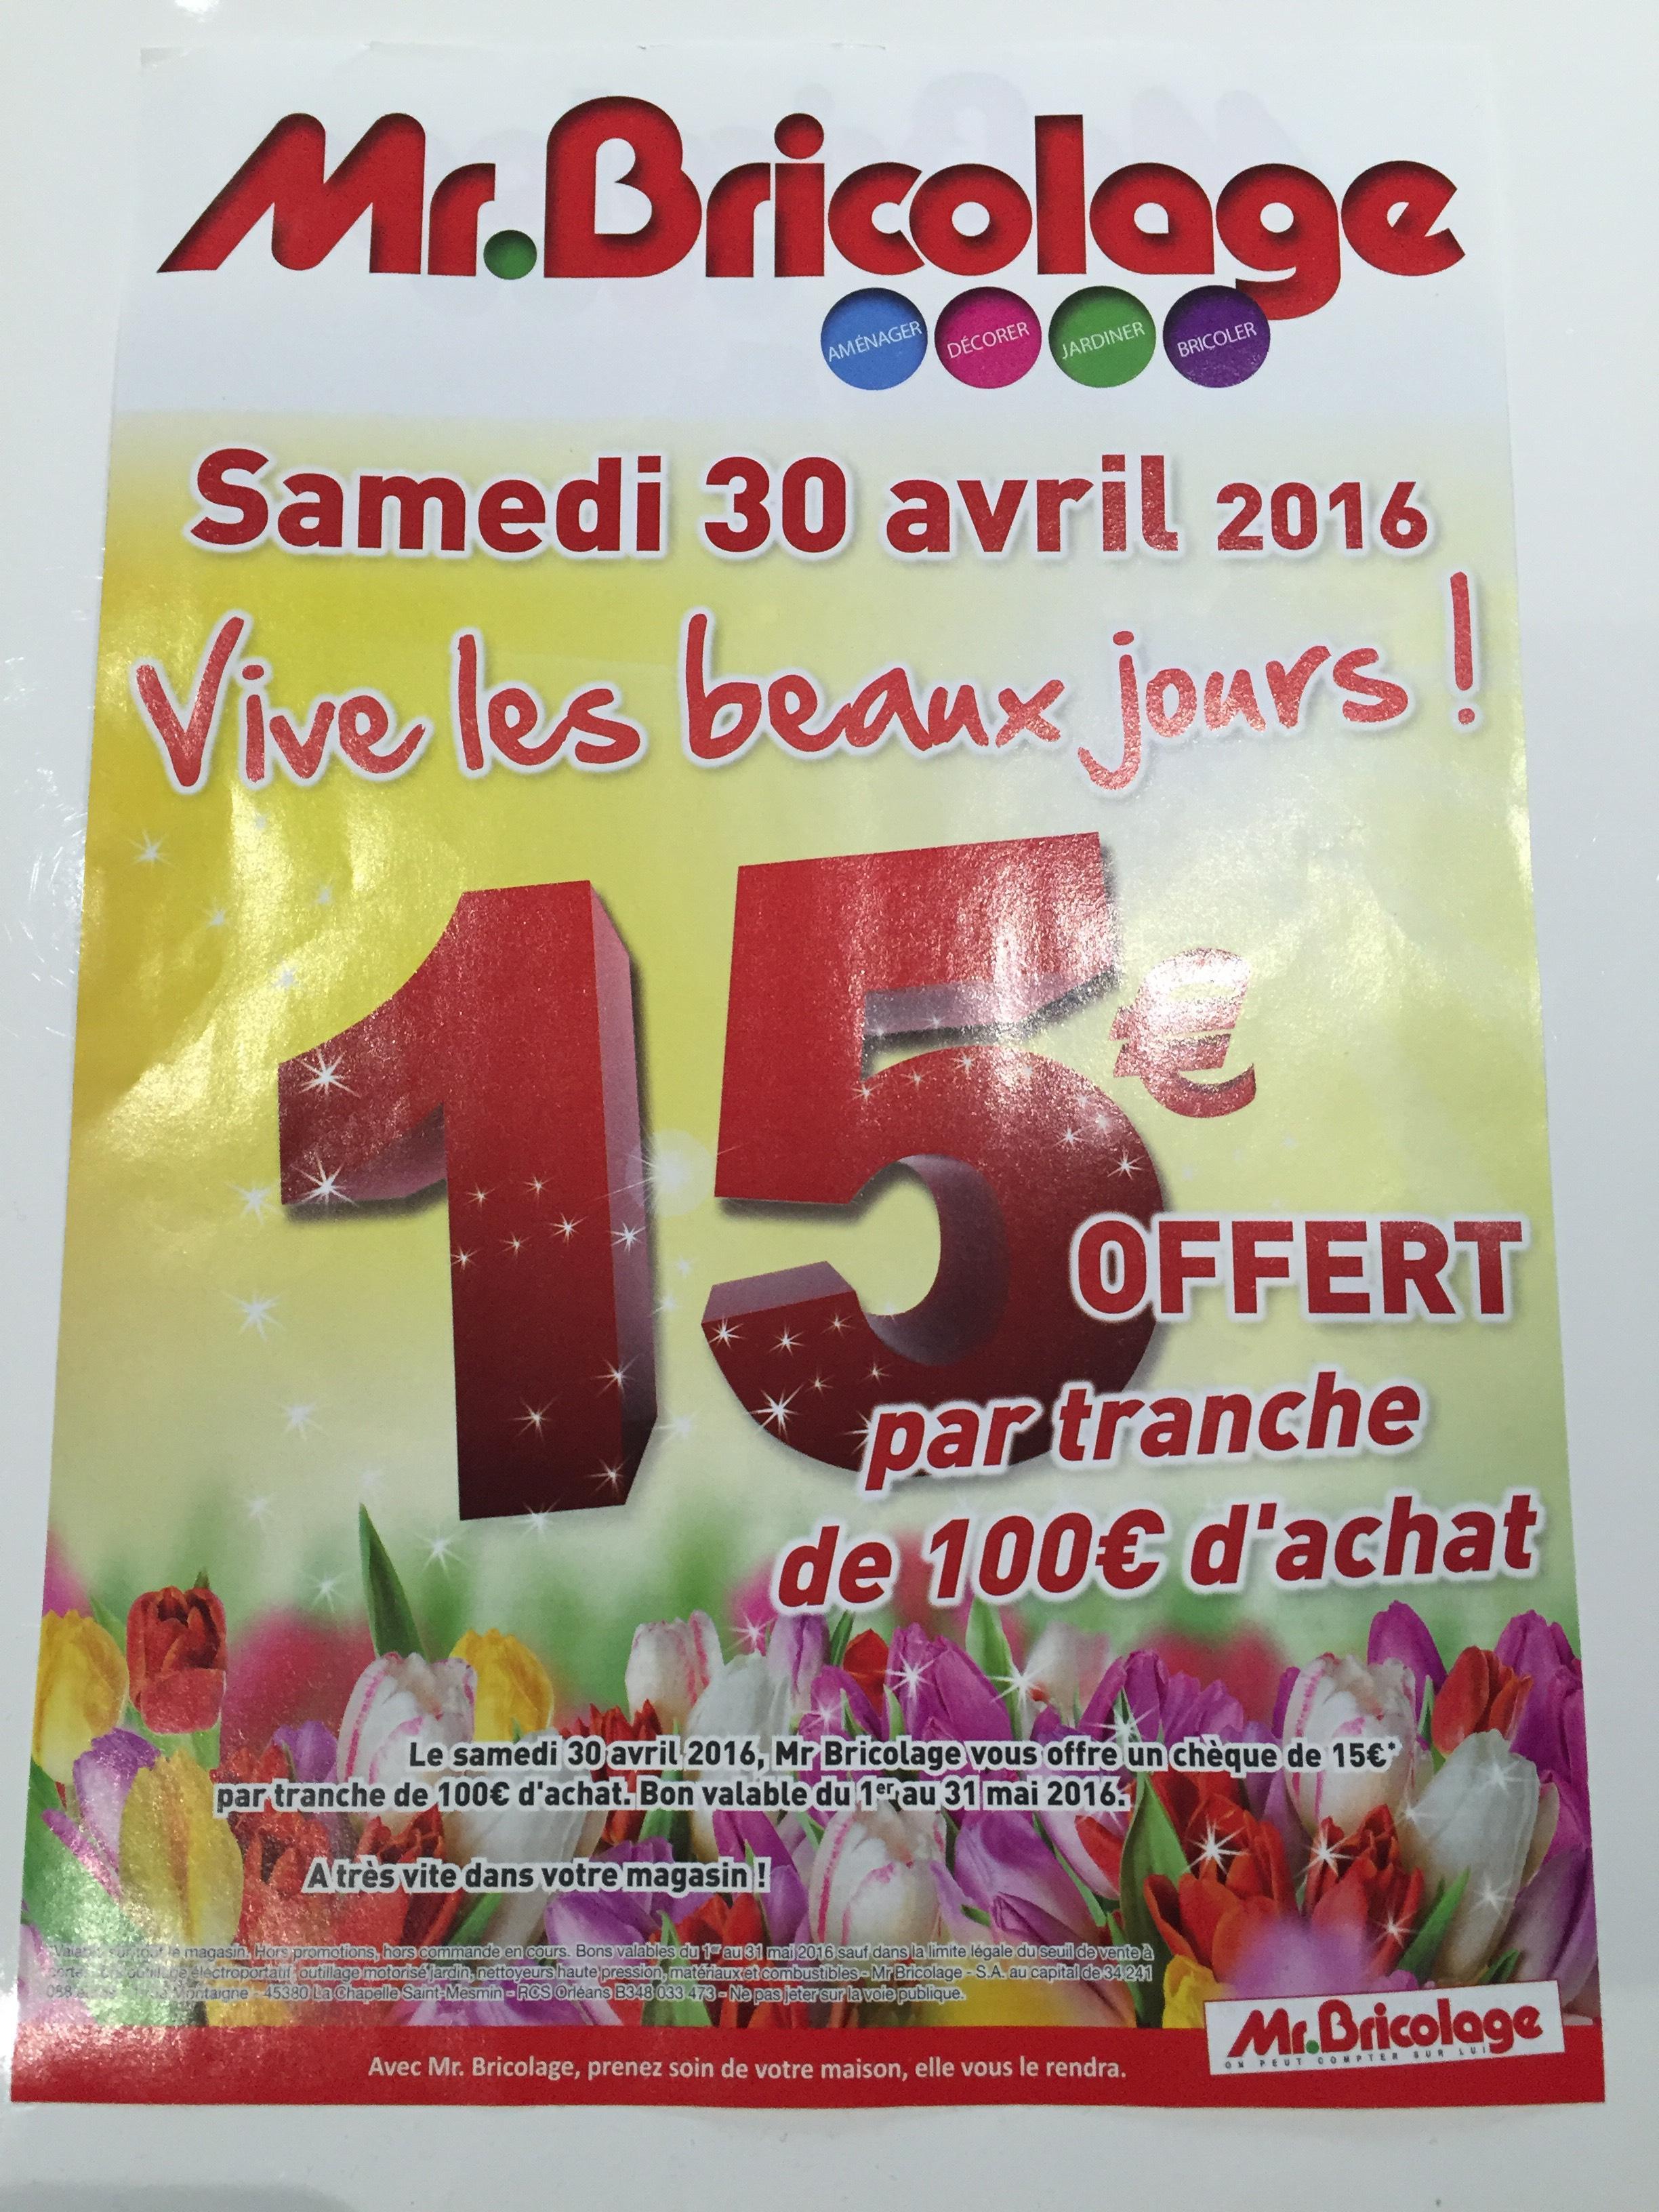 15€ offerts par tranche de 100€ d'achat